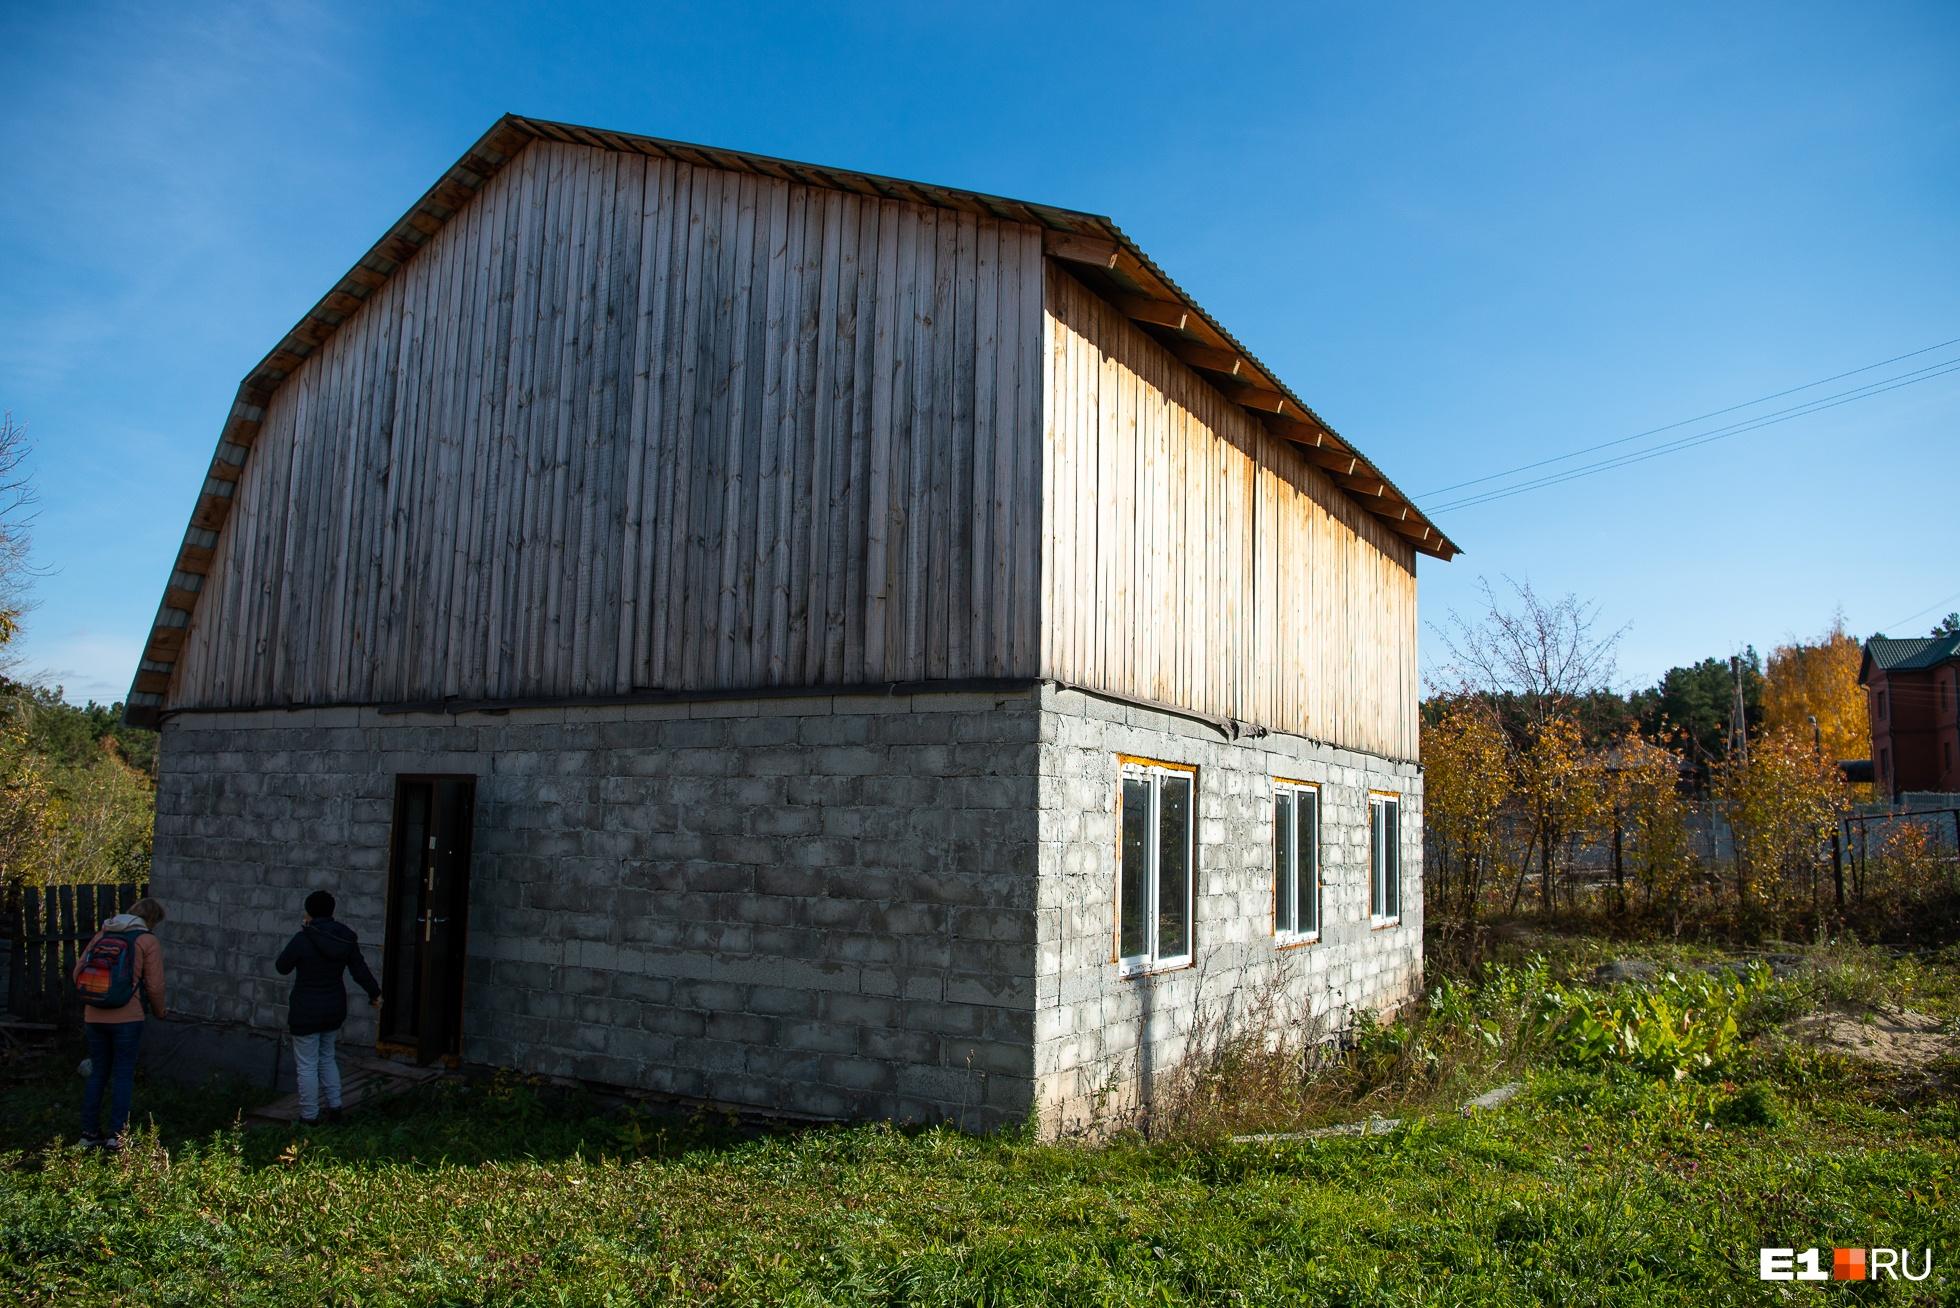 Недостроенный дом, в который планировала переехать Татьяна